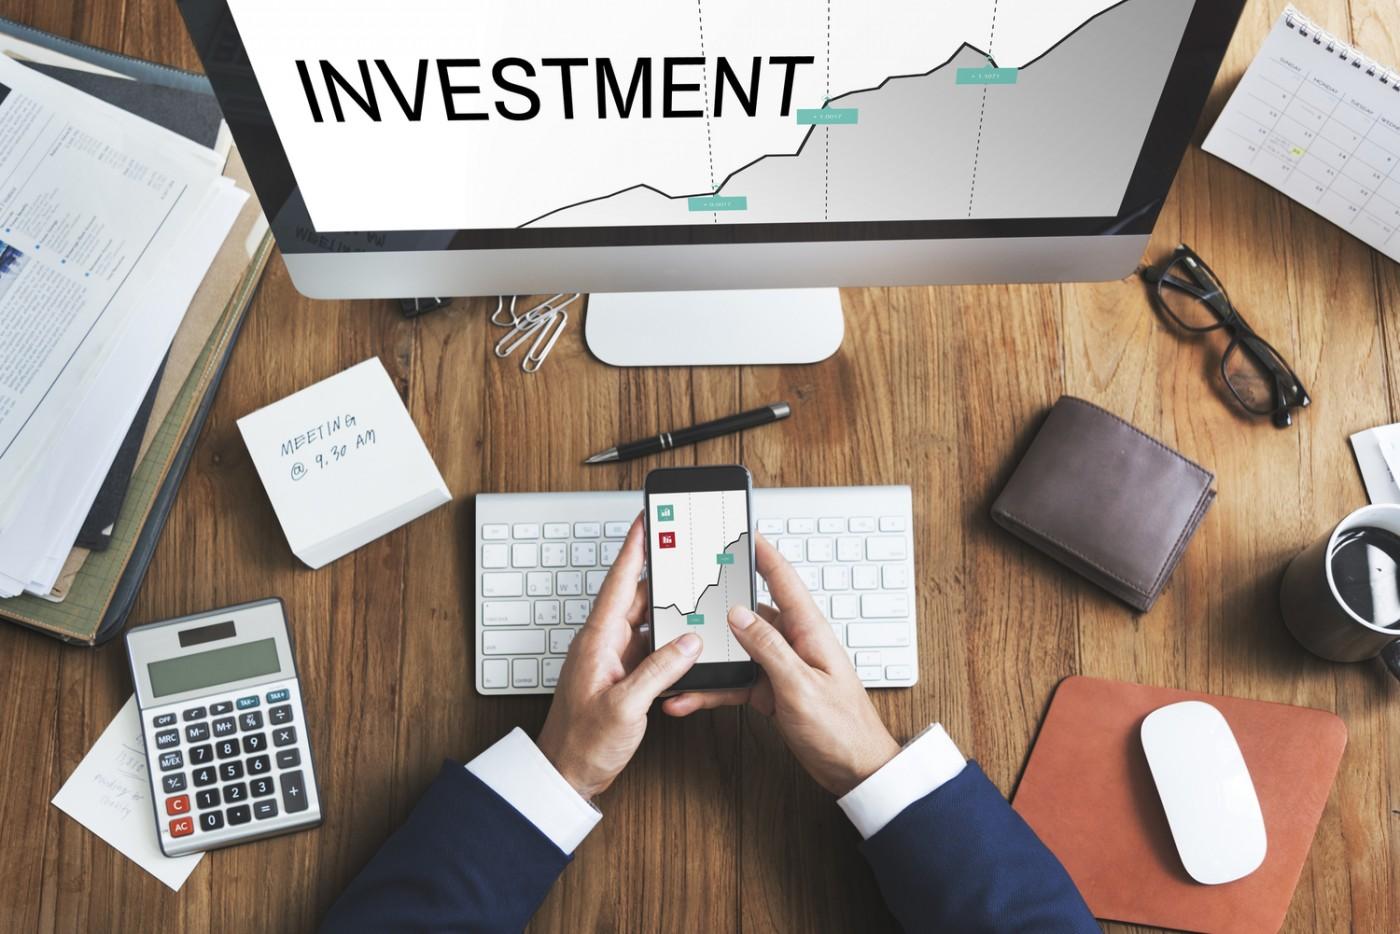 沒時間也能聰明理財的訣竅:智能投資